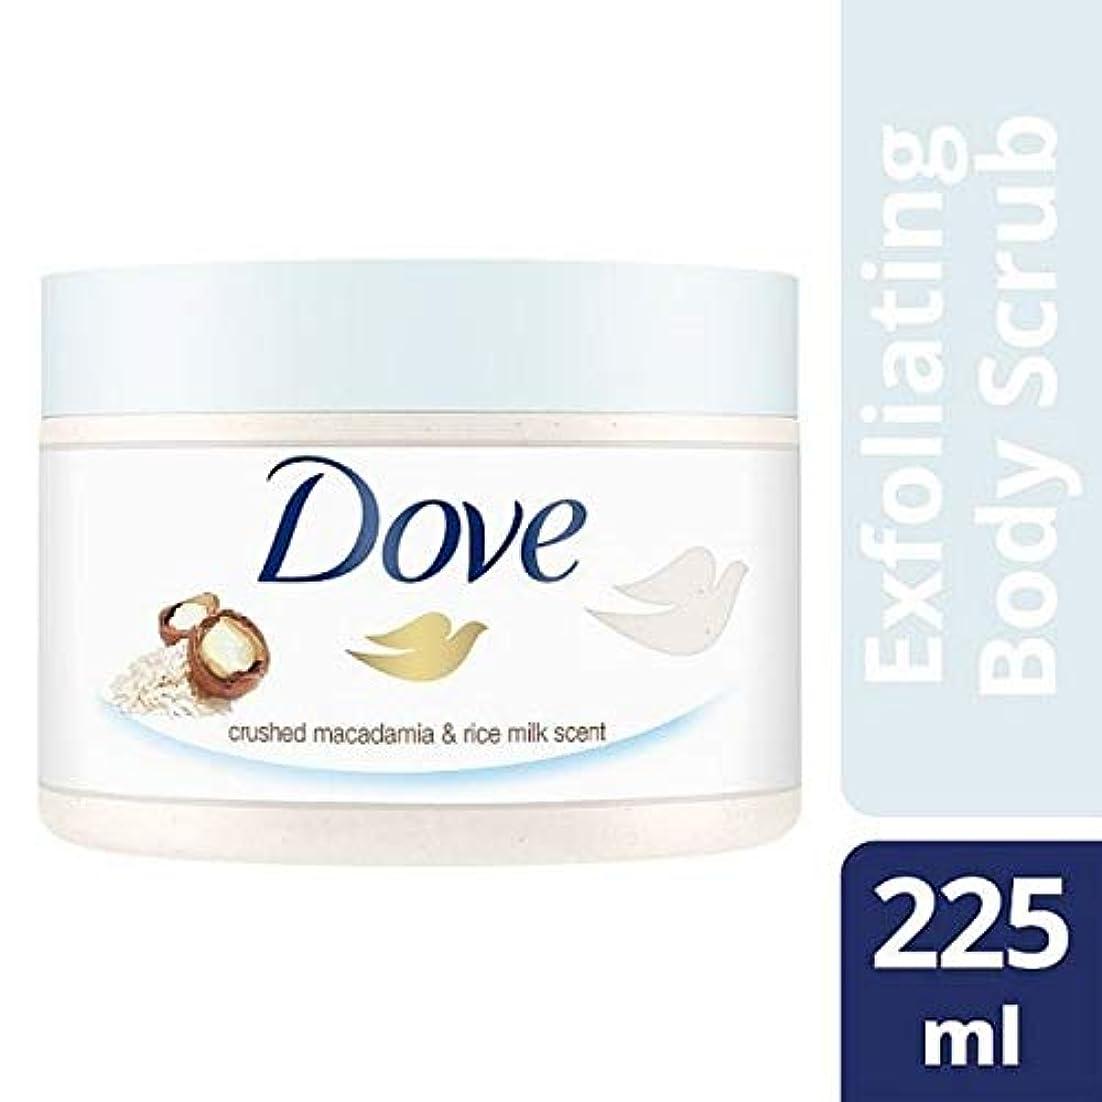 デコラティブ正しくカストディアン[Dove ] ボディスクラブマカダミア&ライスミルク225ミリリットルを剥離鳩 - Dove Exfoliating Body Scrub Macadamia & Rice Milk 225ml [並行輸入品]